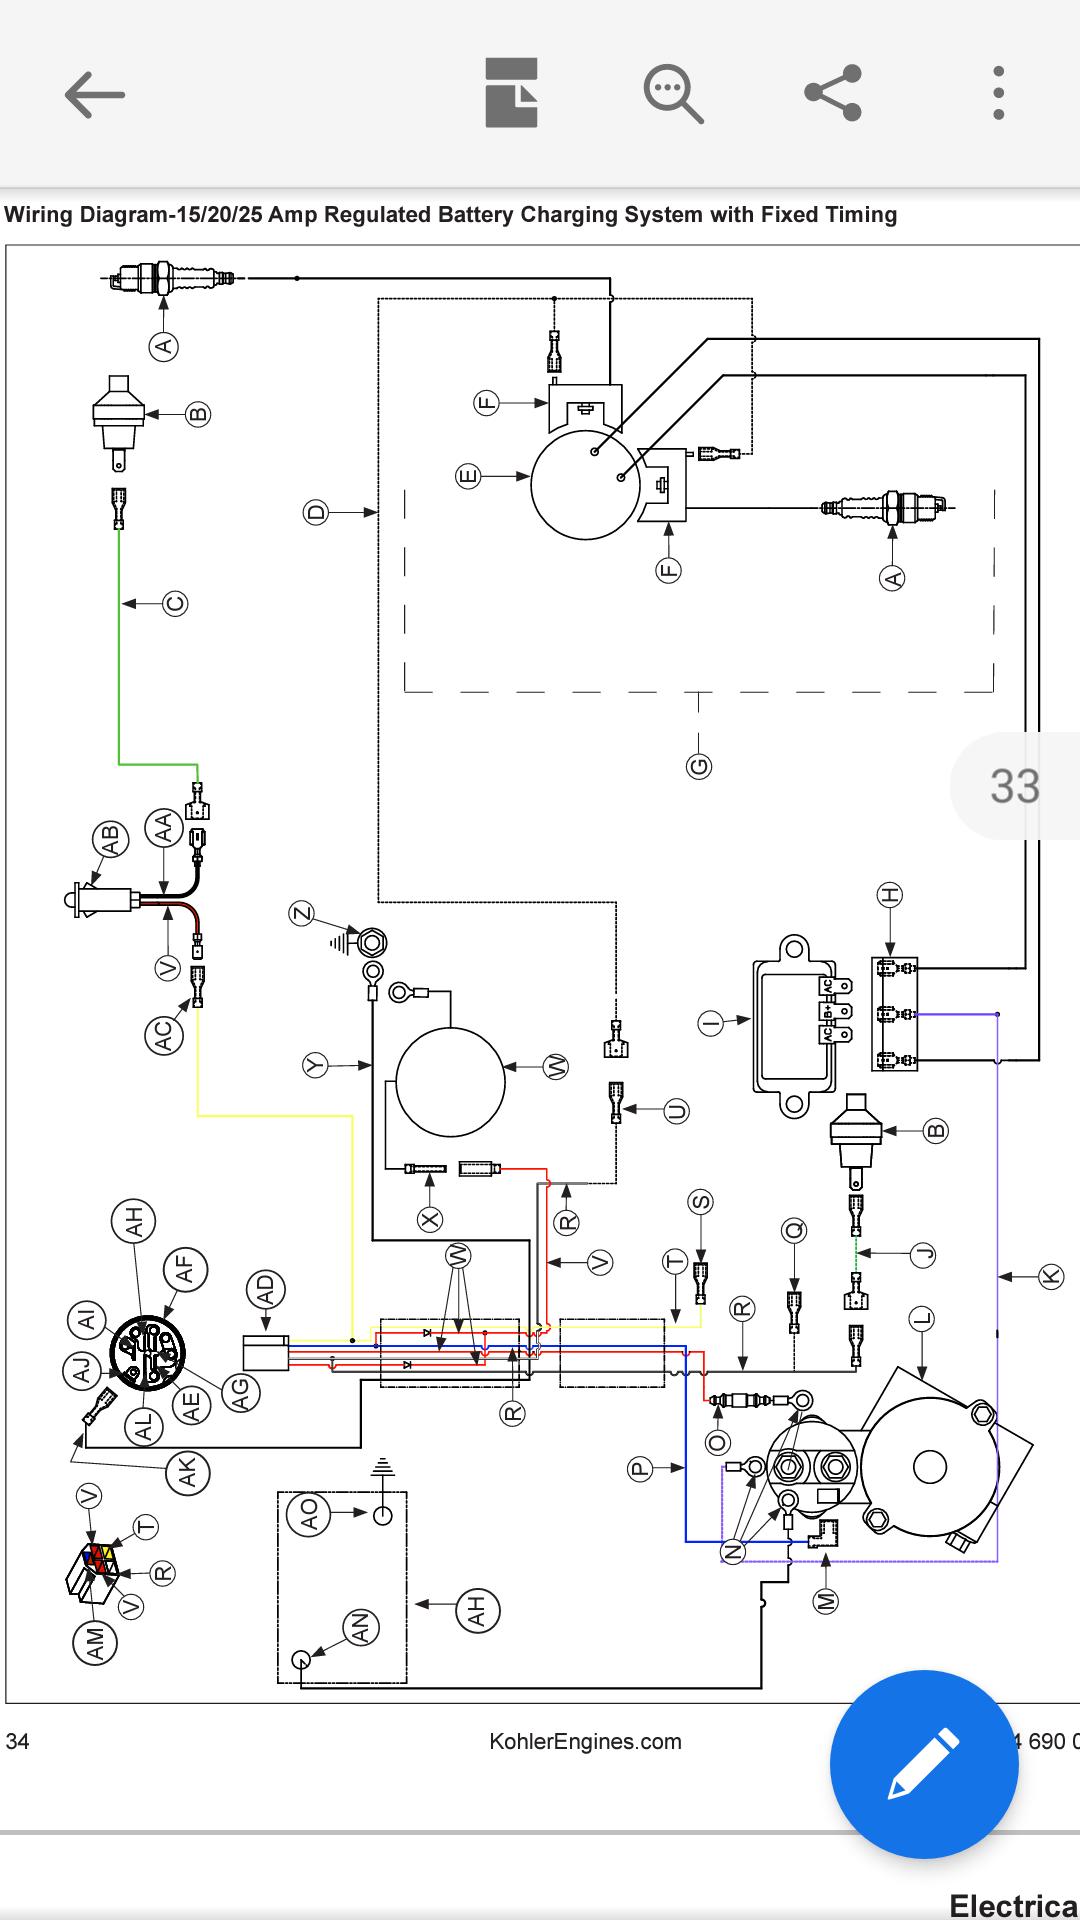 Kohler Ch20s wiring - Supplies & Equipment - Pressure Washing ResourcePressure Washing Resource